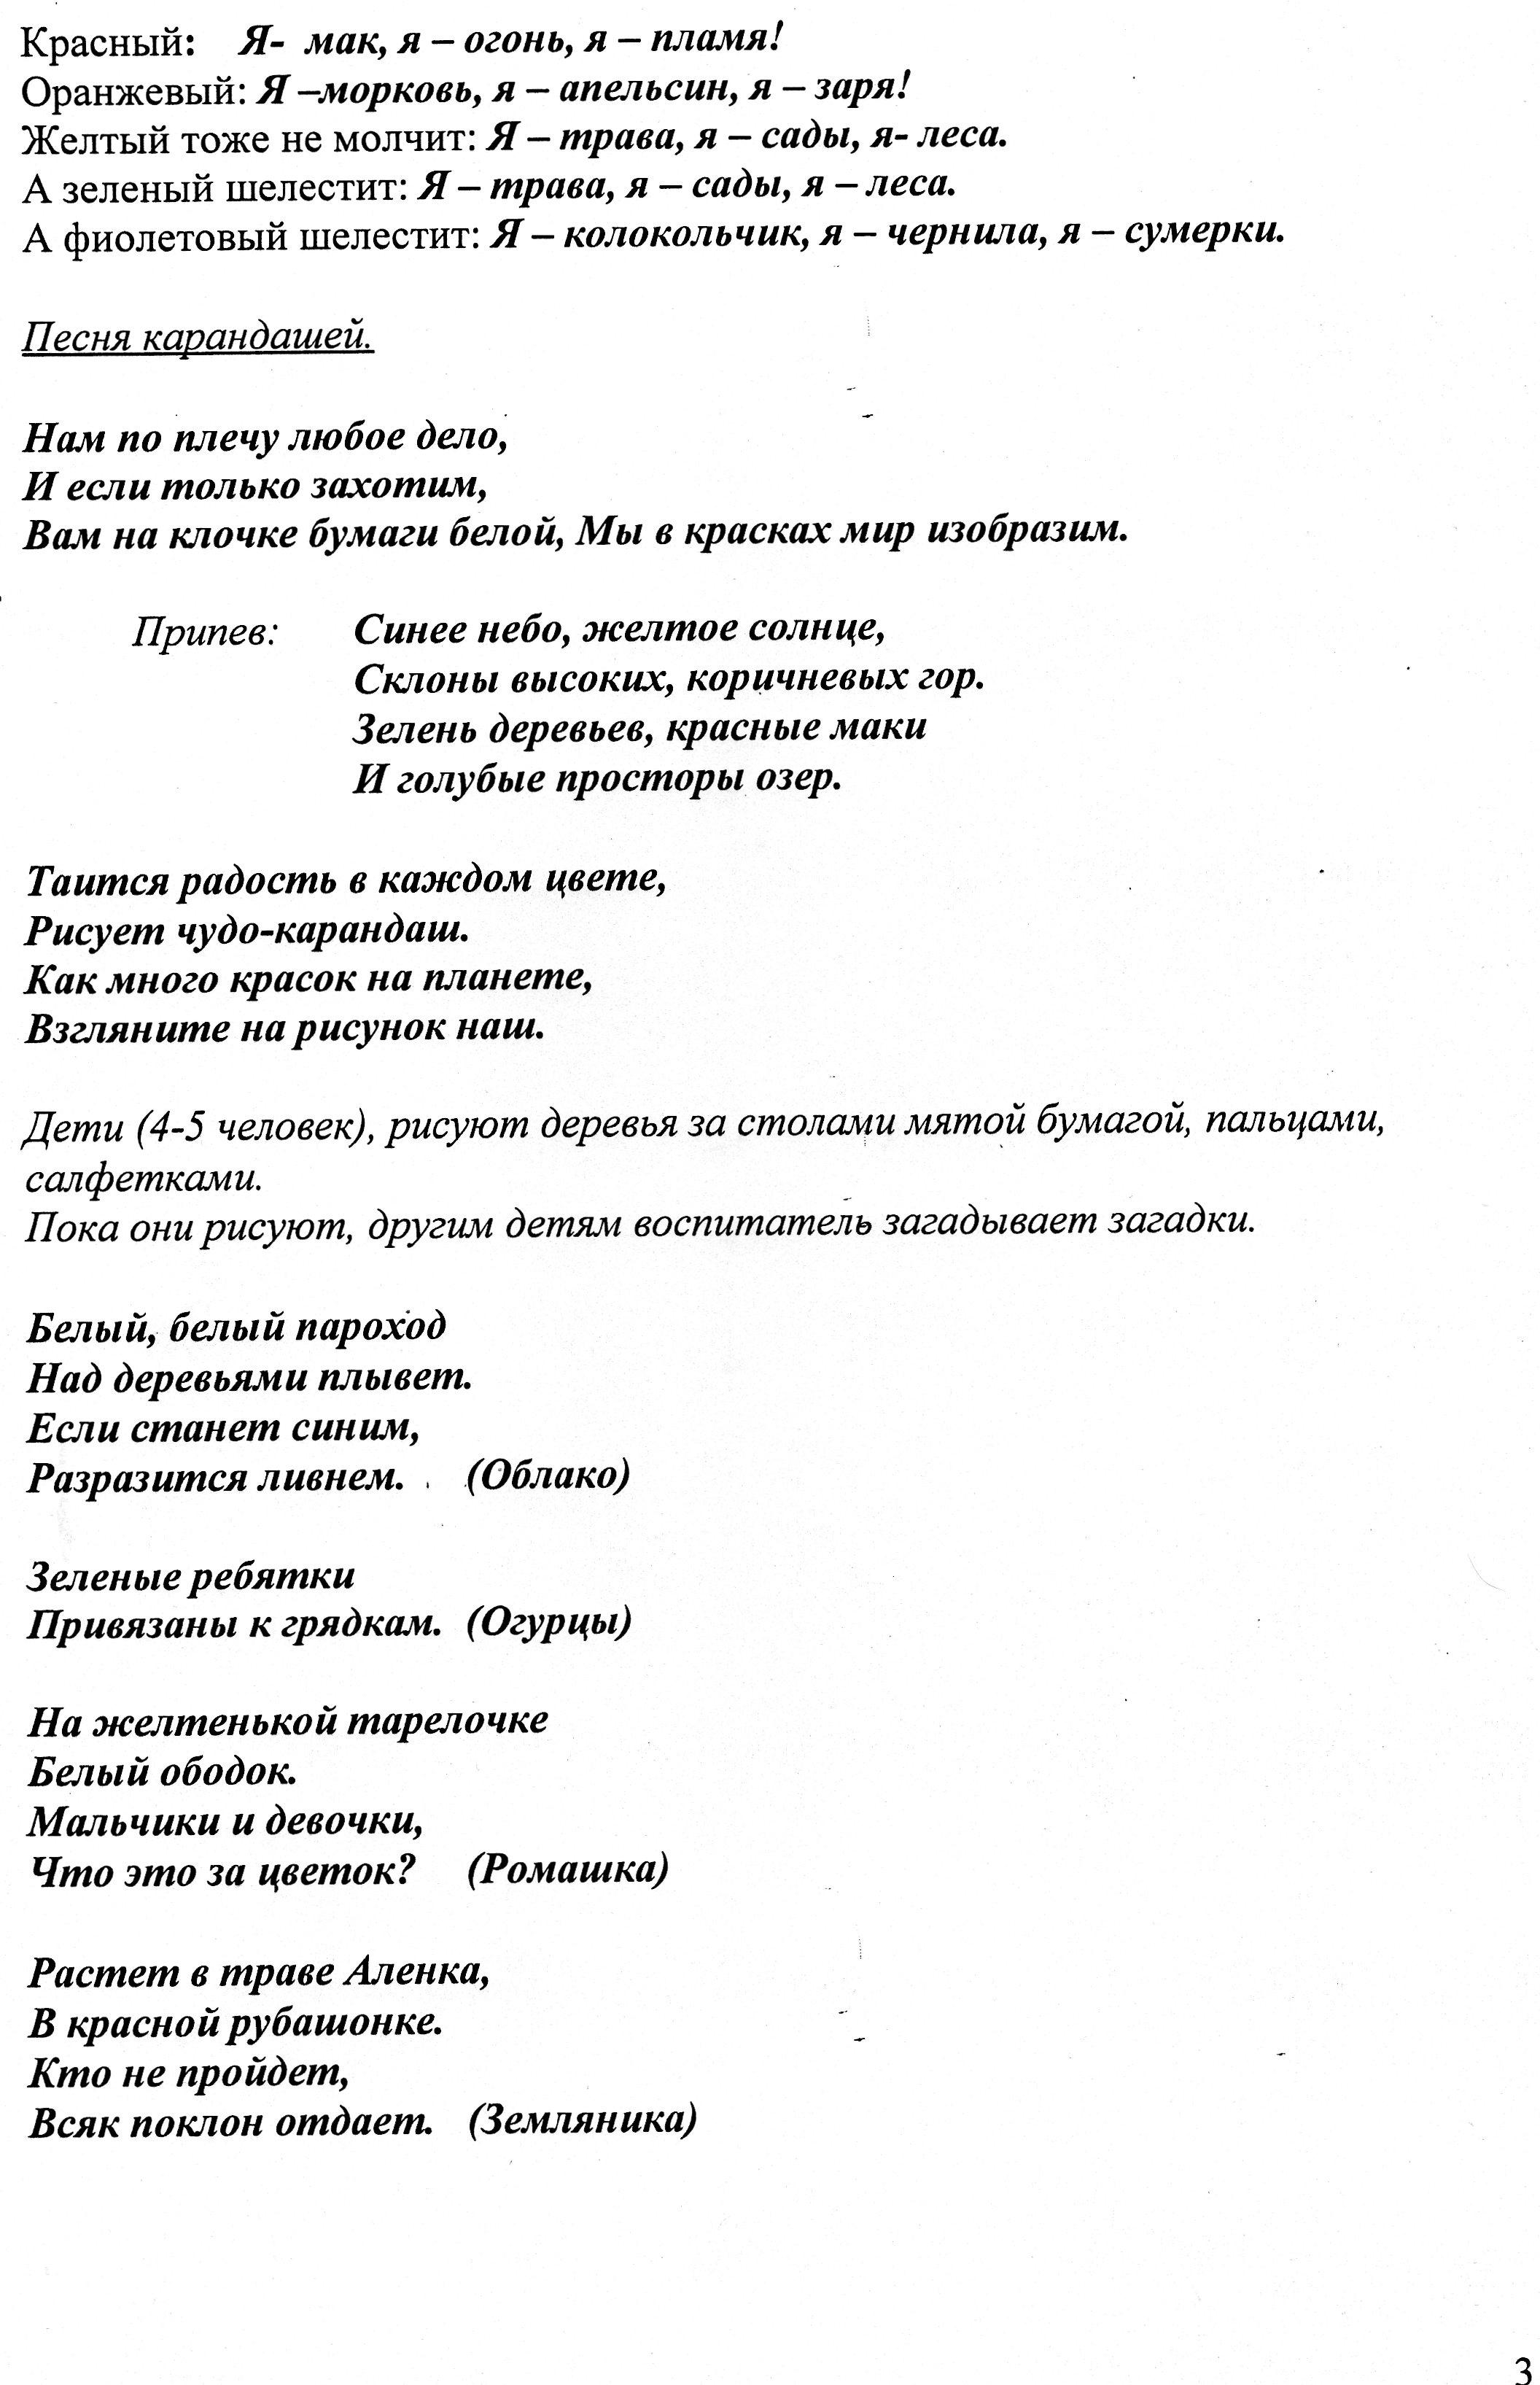 C:\Users\Щербаковы\Pictures\img017.jpg